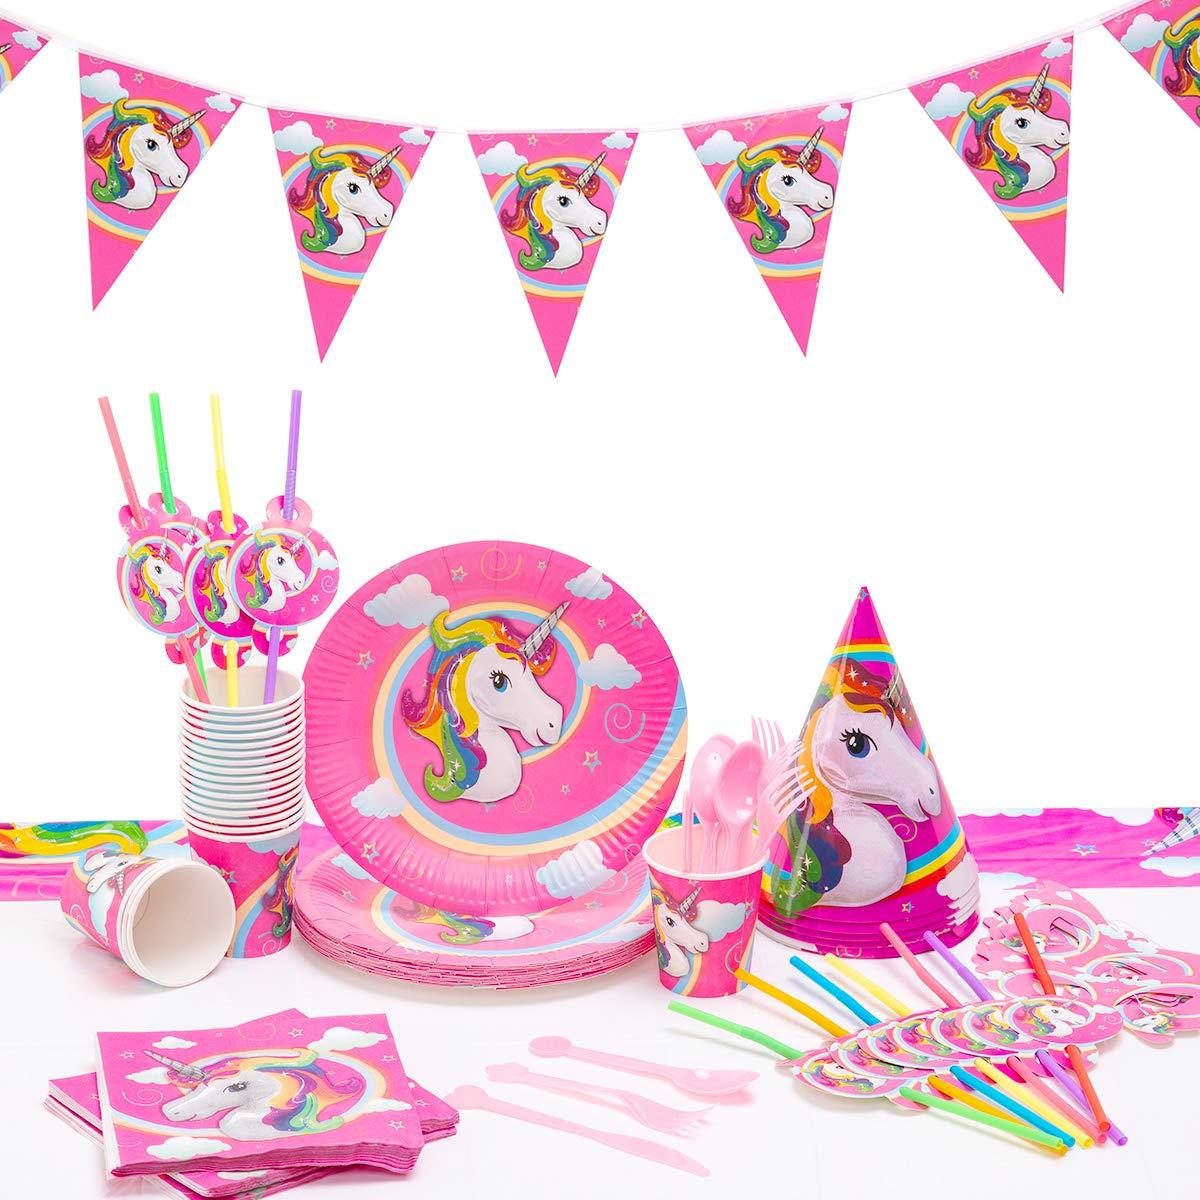 102-Teiliges Geburtstagsset